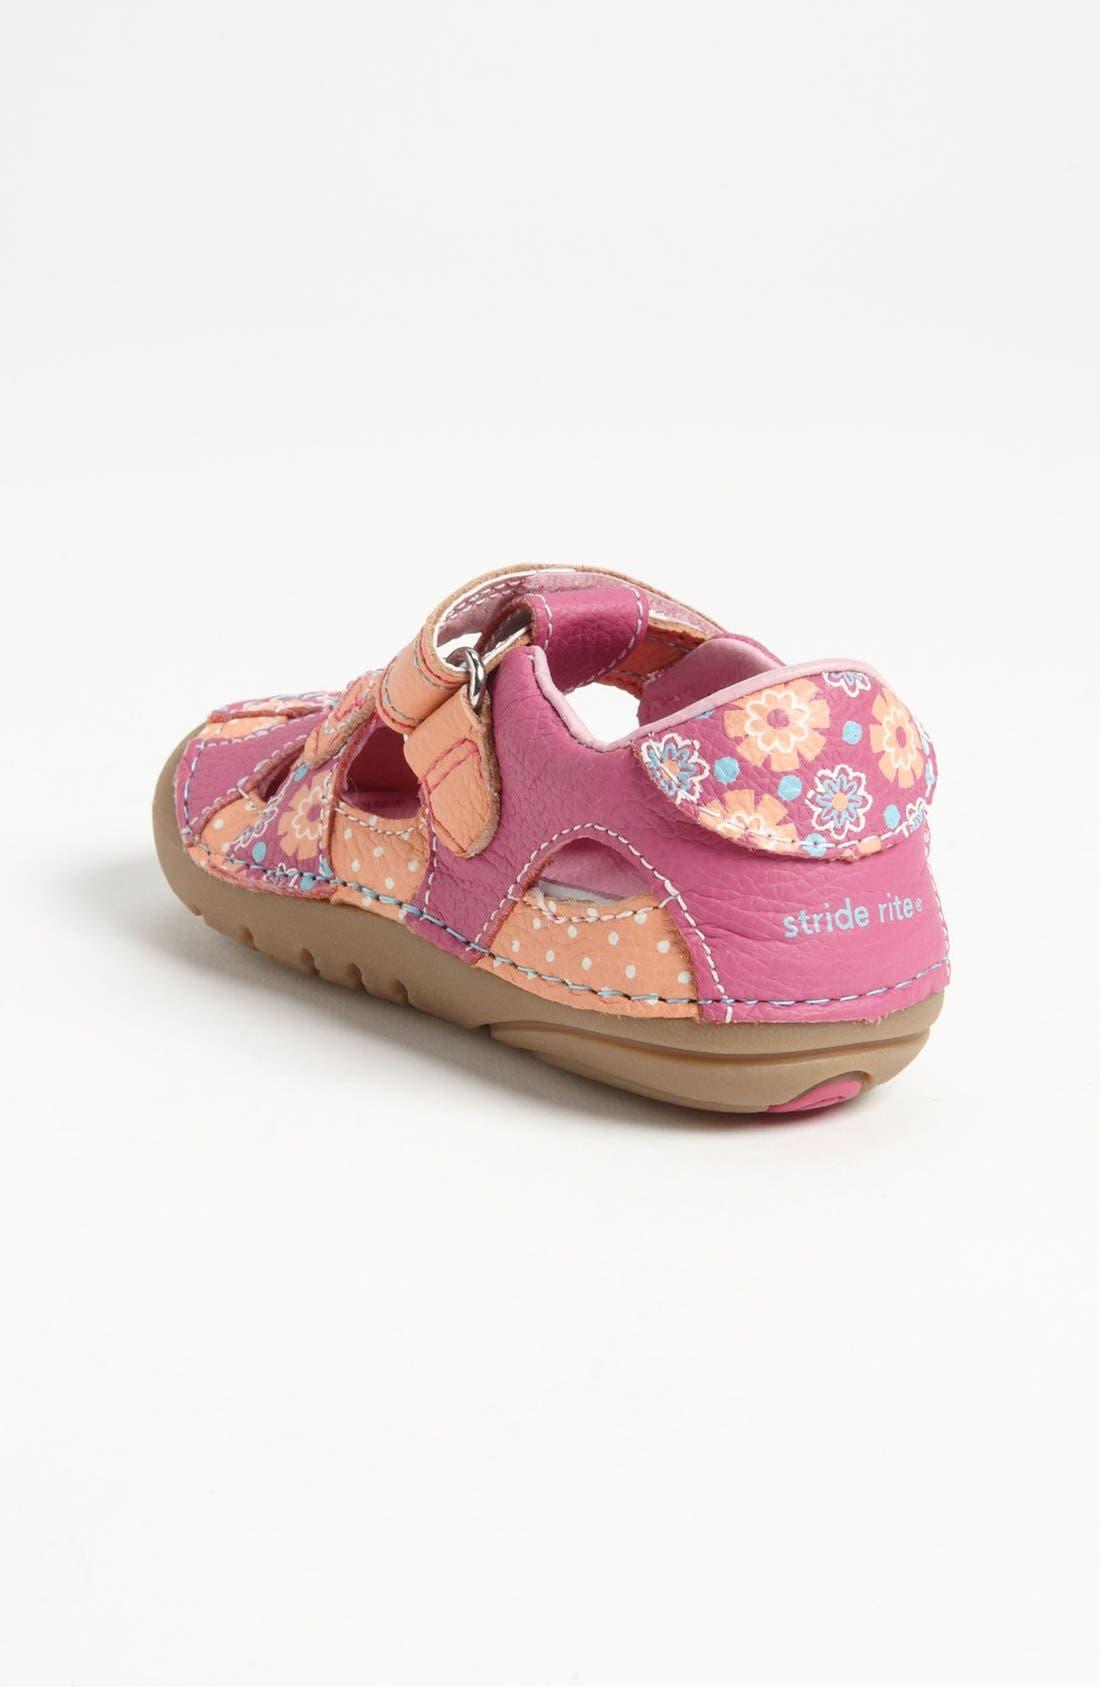 Alternate Image 2  - Stride Rite 'Poppy' Sandal (Baby & Walker)